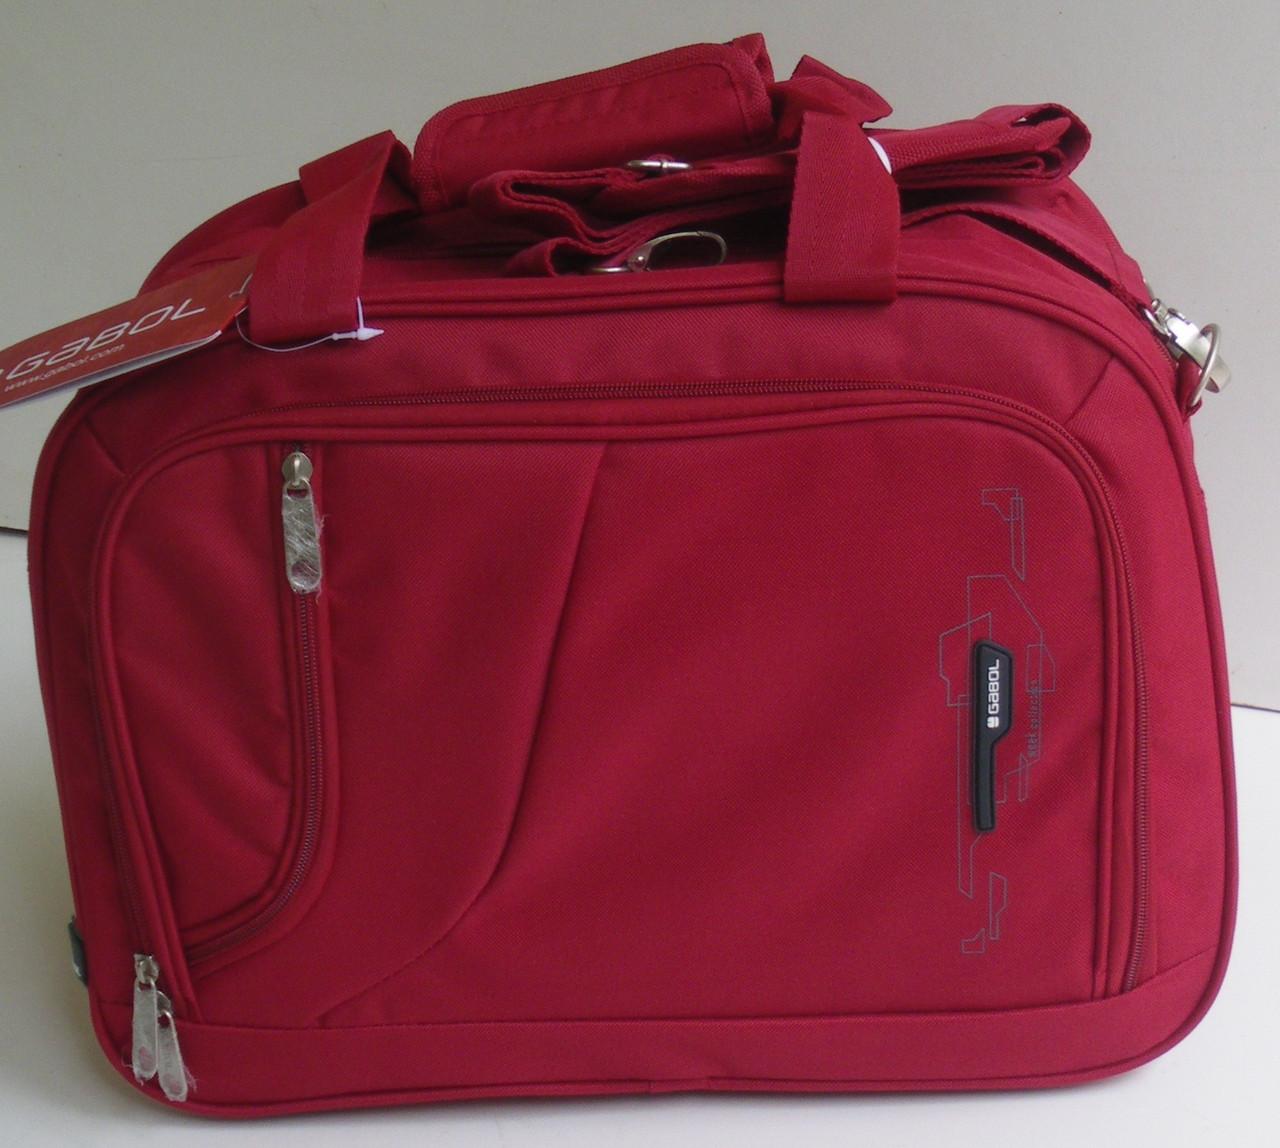 0d72feff60a0 Купить сумку для ручной клади Gabol Week красную: продажа, цена в ...